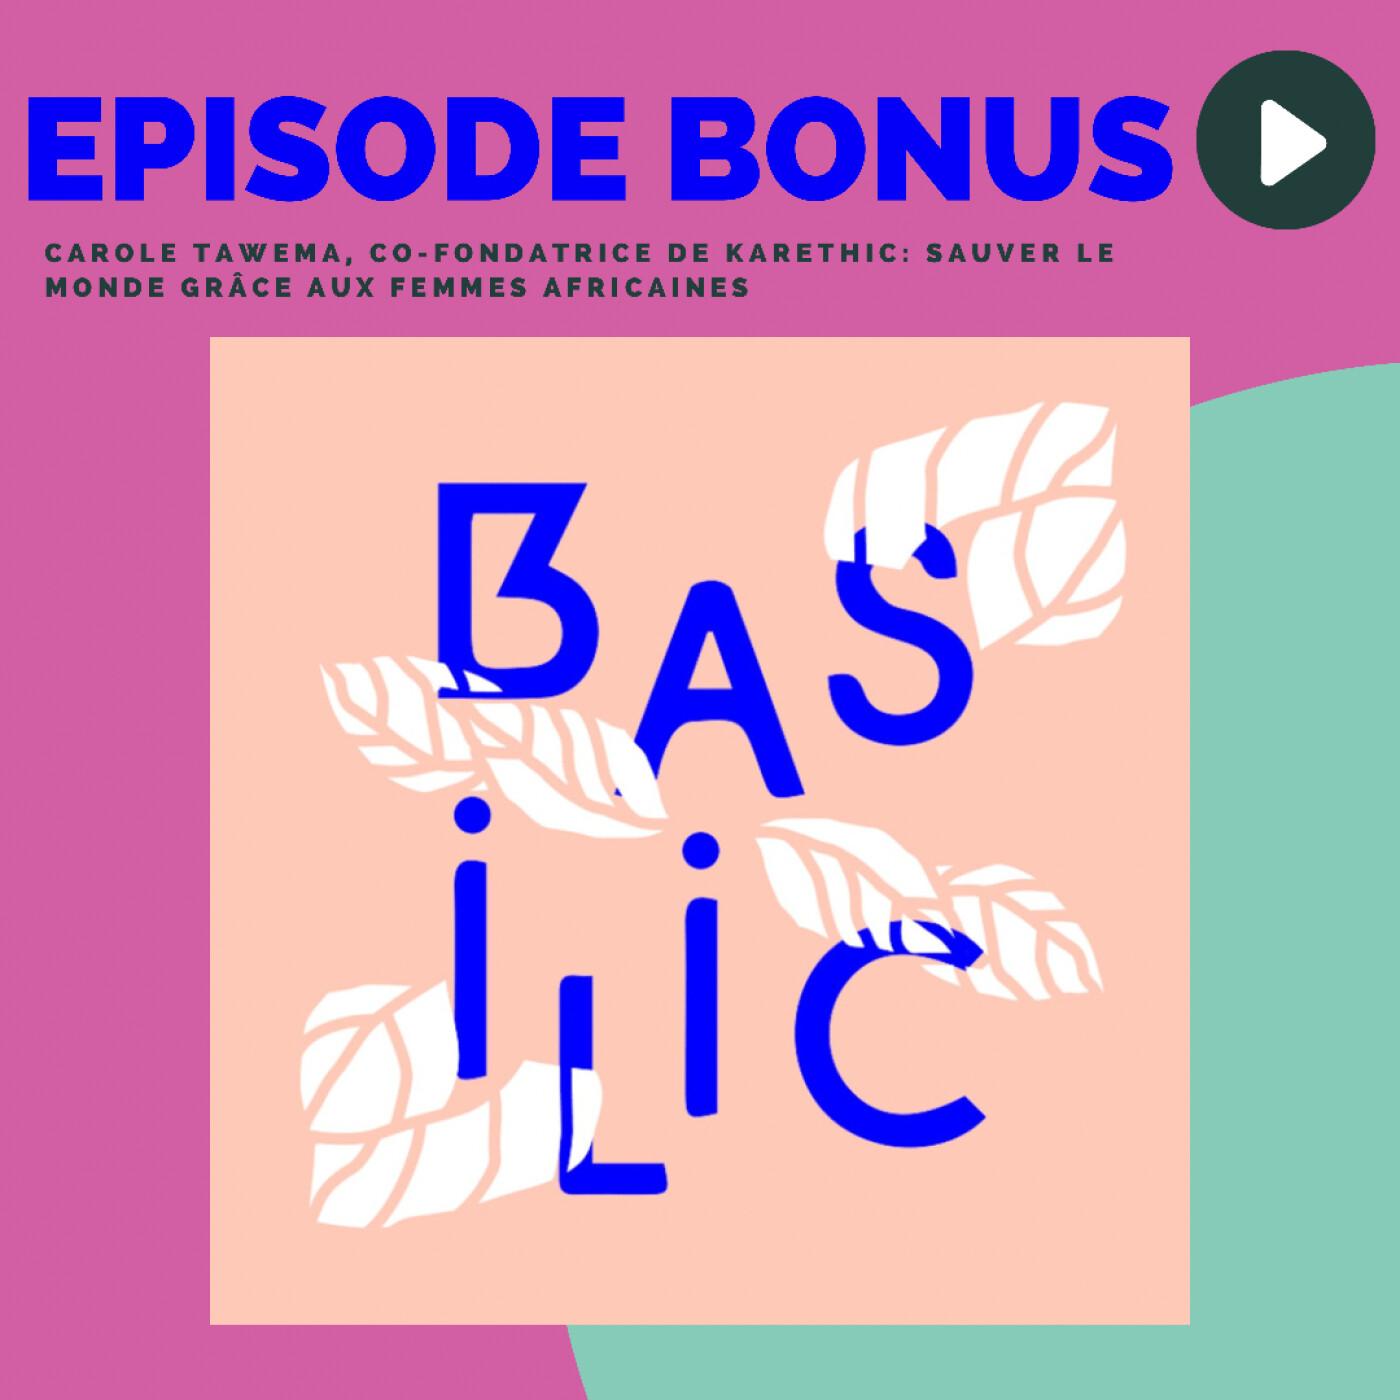 [spécial été] Découverte du Podcast Basilic - Carole Tawema, sauver le monde grace aux femmes africaines